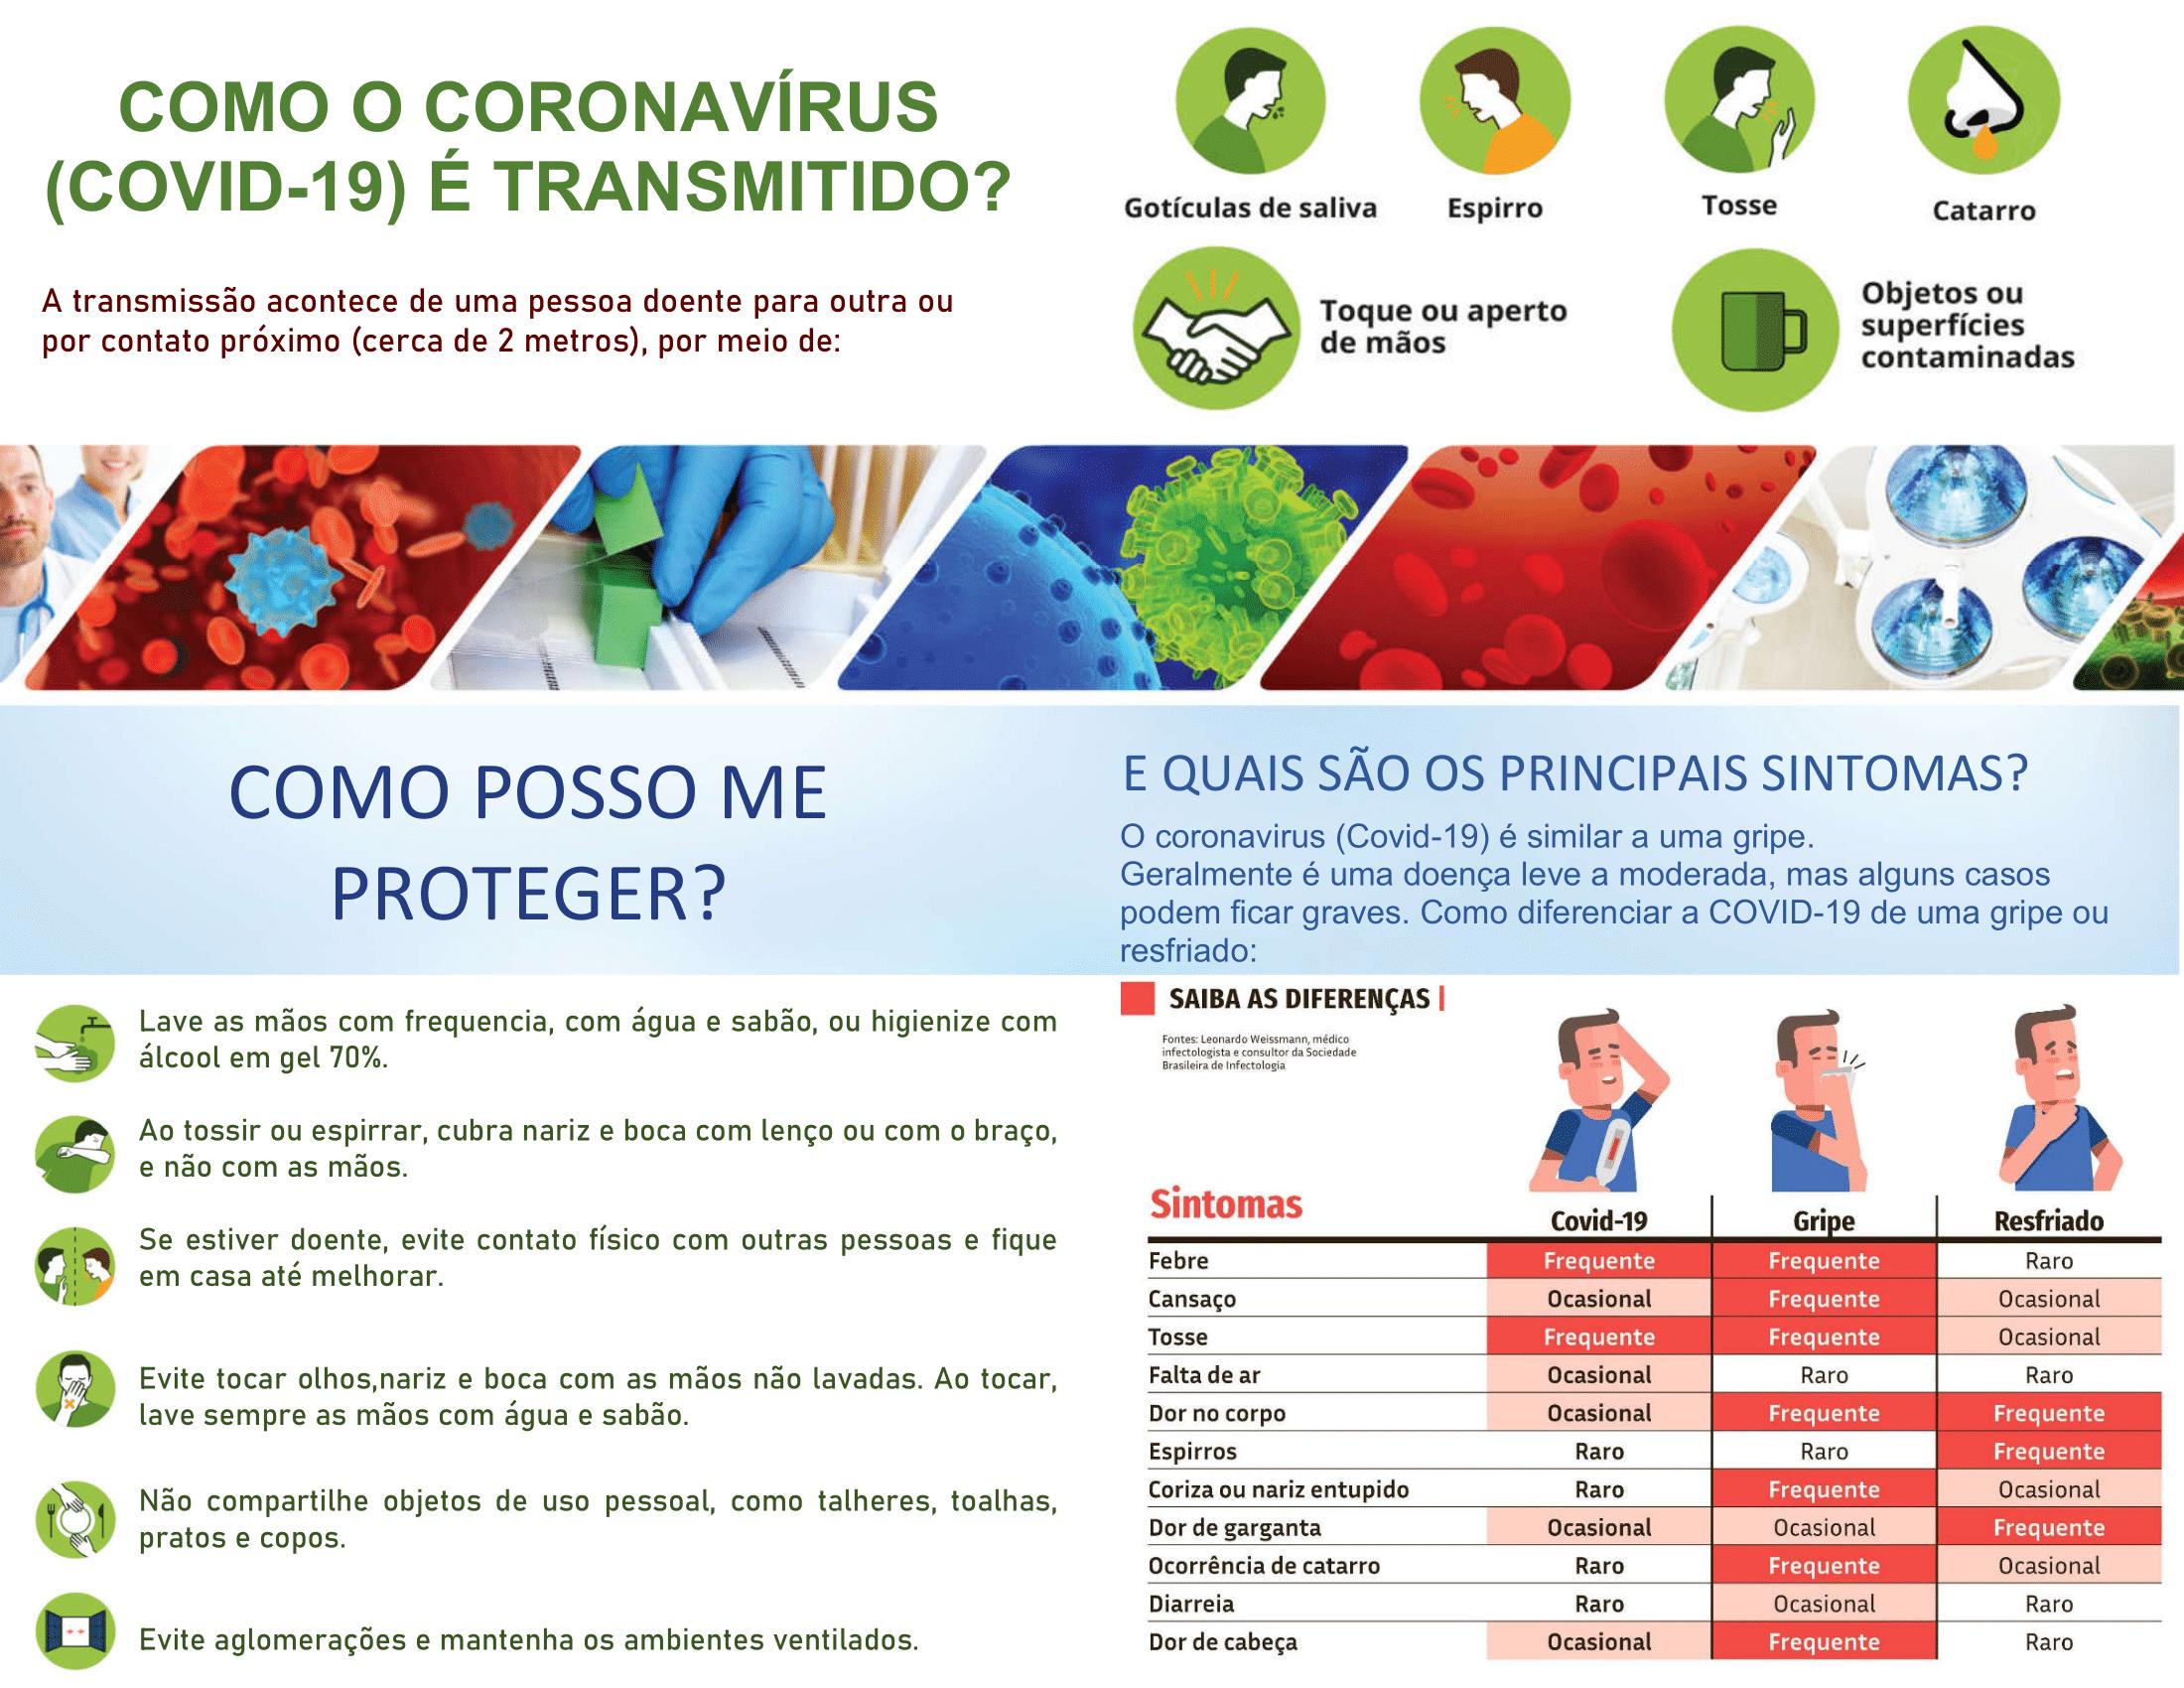 COMO O CORONAVÍRUS (COVID-19) É TRANSMITIDO?